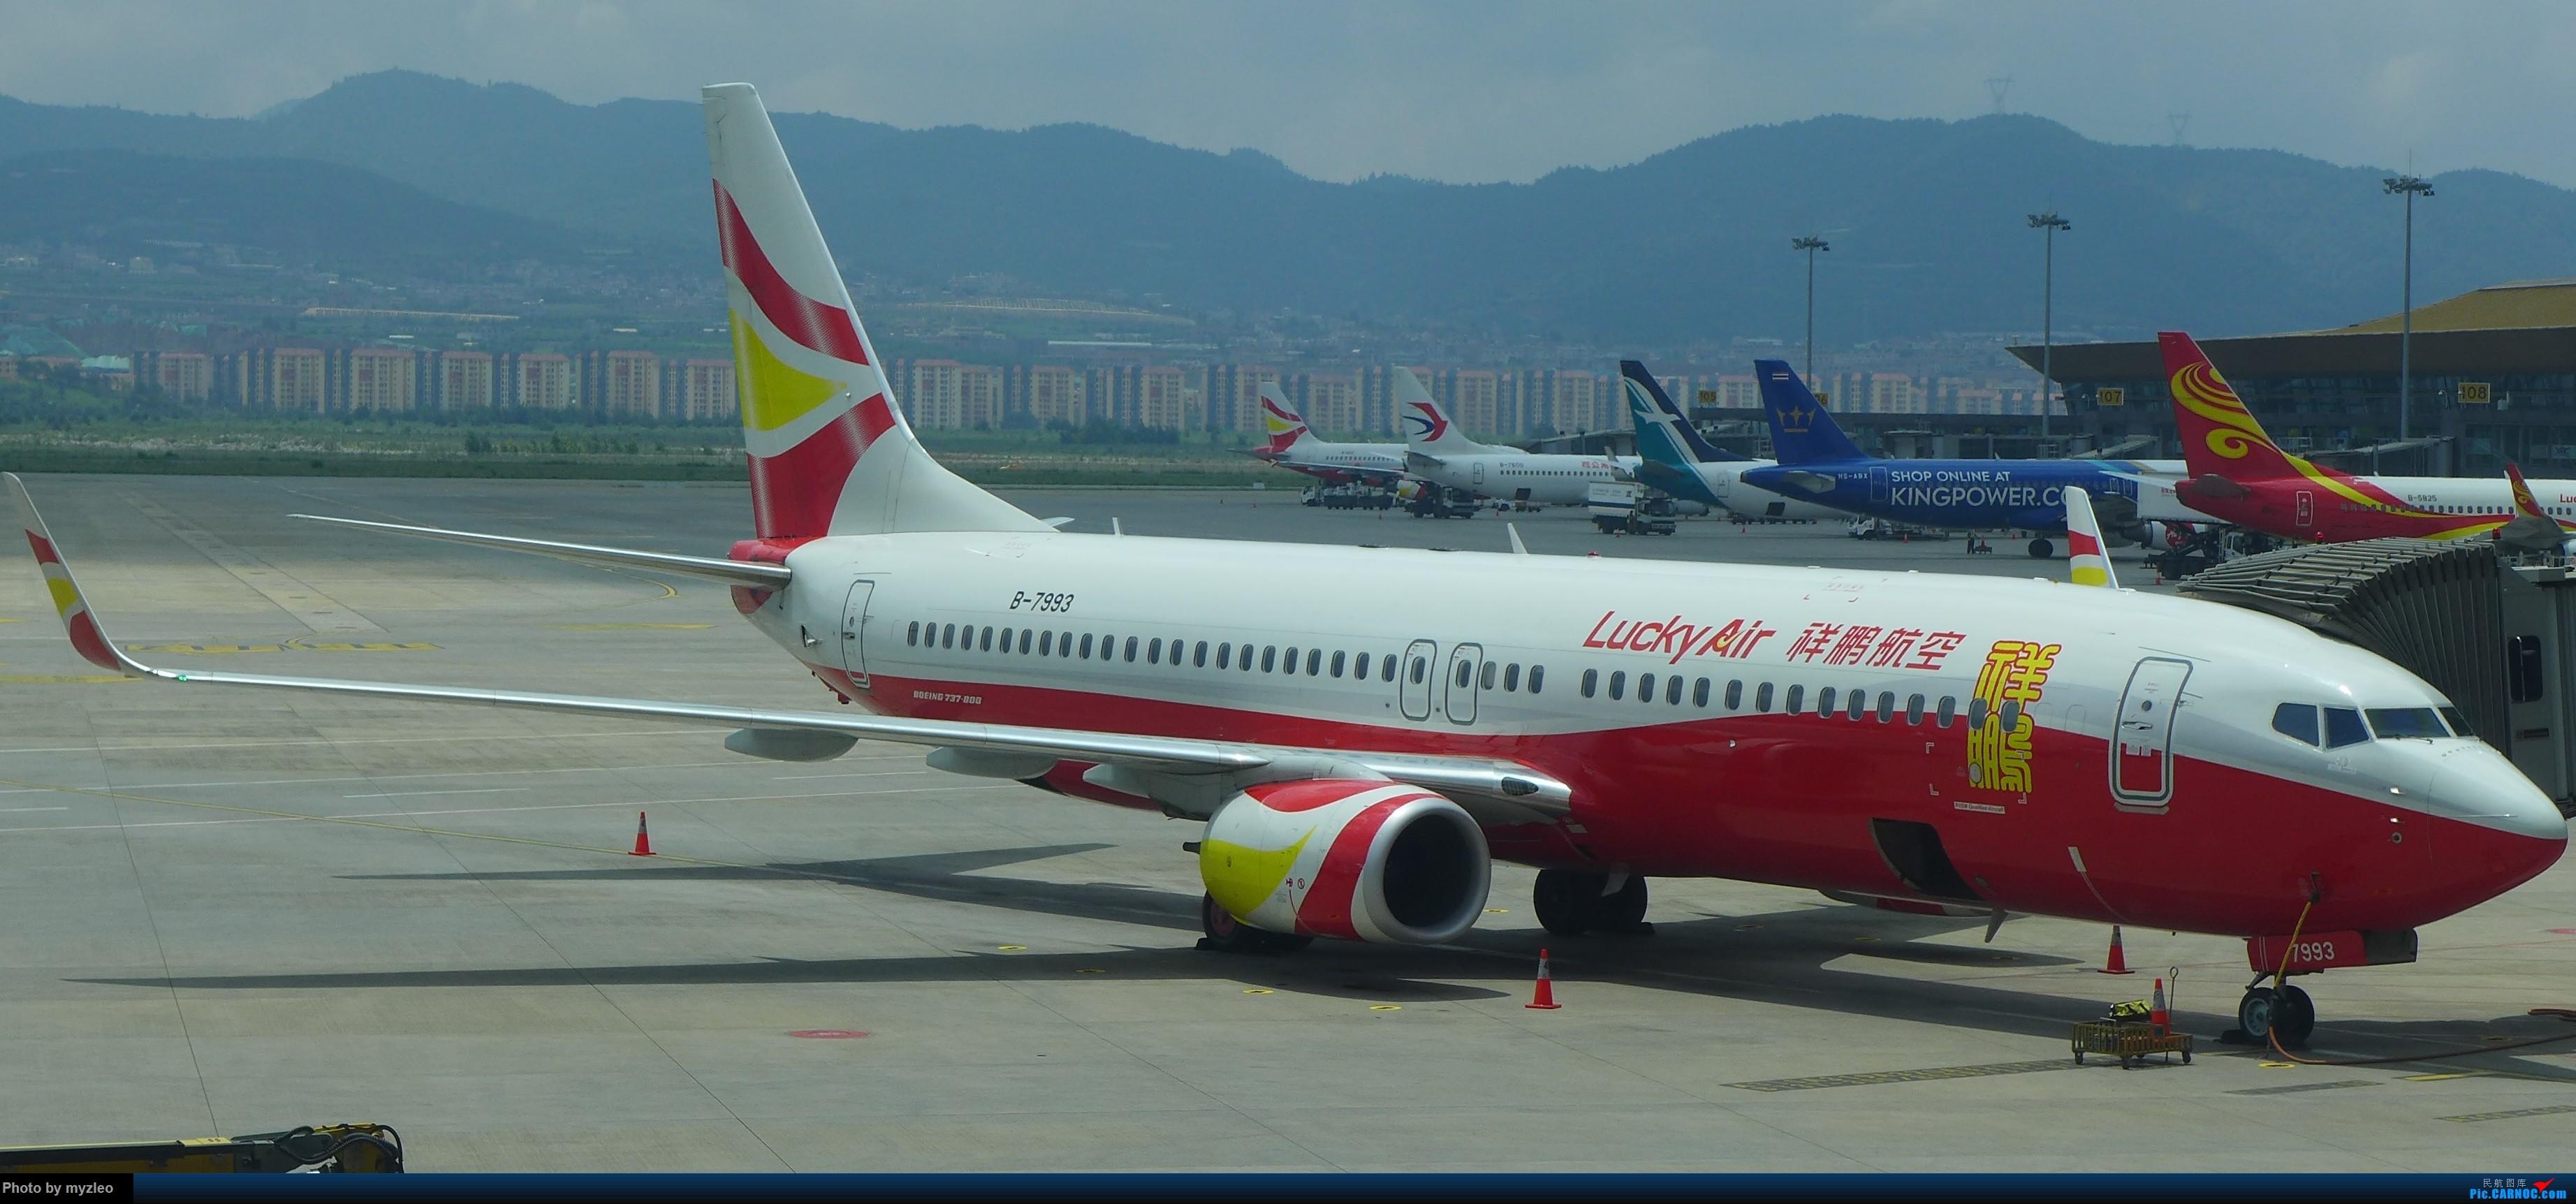 Re:[原创]【myzleo的游记2.1】昆洱风光(1)——SHA-KMG上航商务舱再体验+人在昆明 BOEING 737-800 B-7993 中国昆明长水国际机场